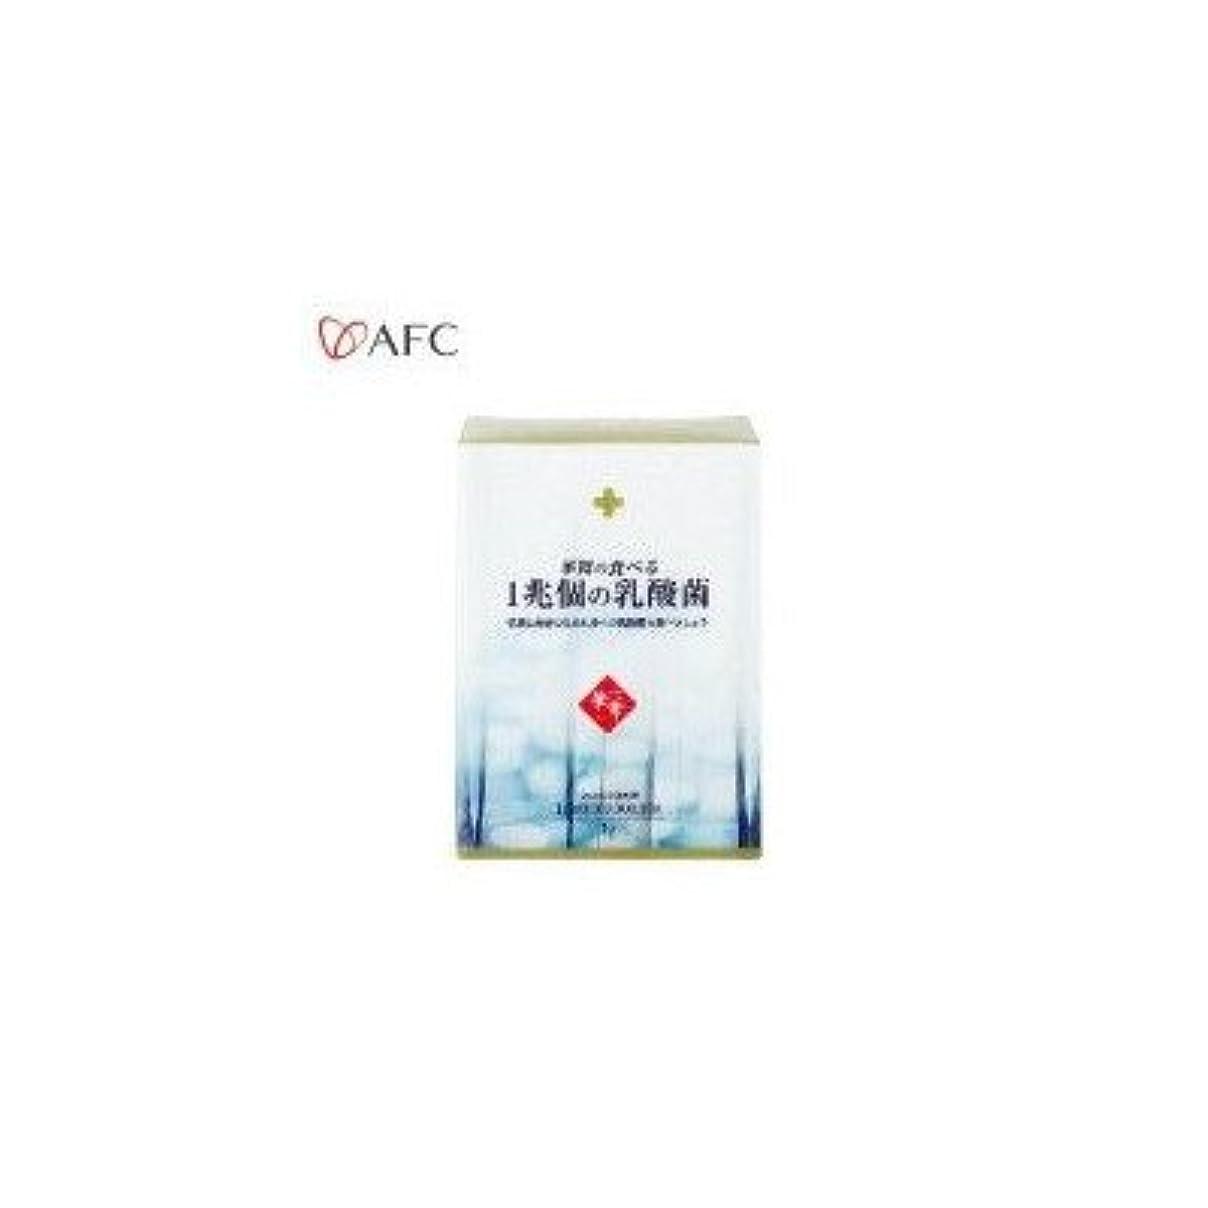 請求可能かき混ぜる啓発するAFC 華舞シリーズ 華舞の1兆個の乳酸菌 スティックタイプ 30g(1g×30本) 3222